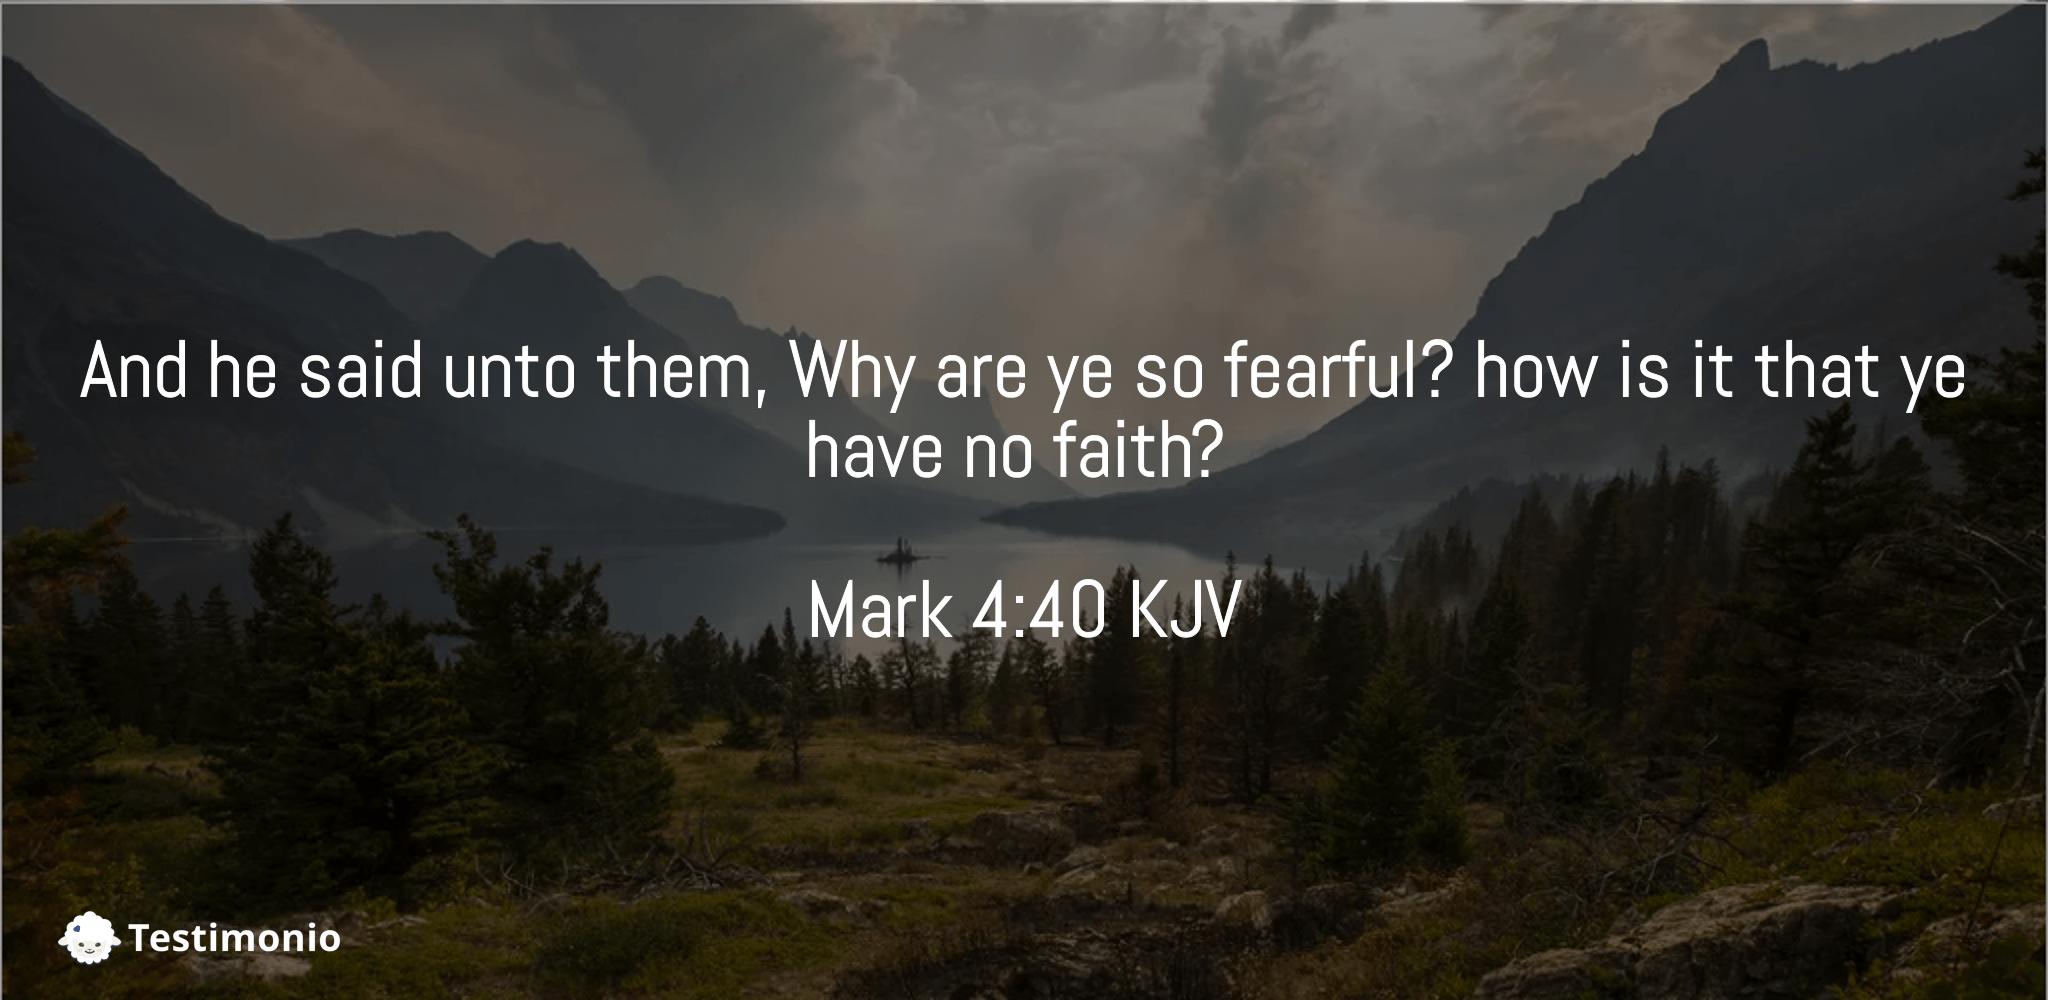 Mark 4:40